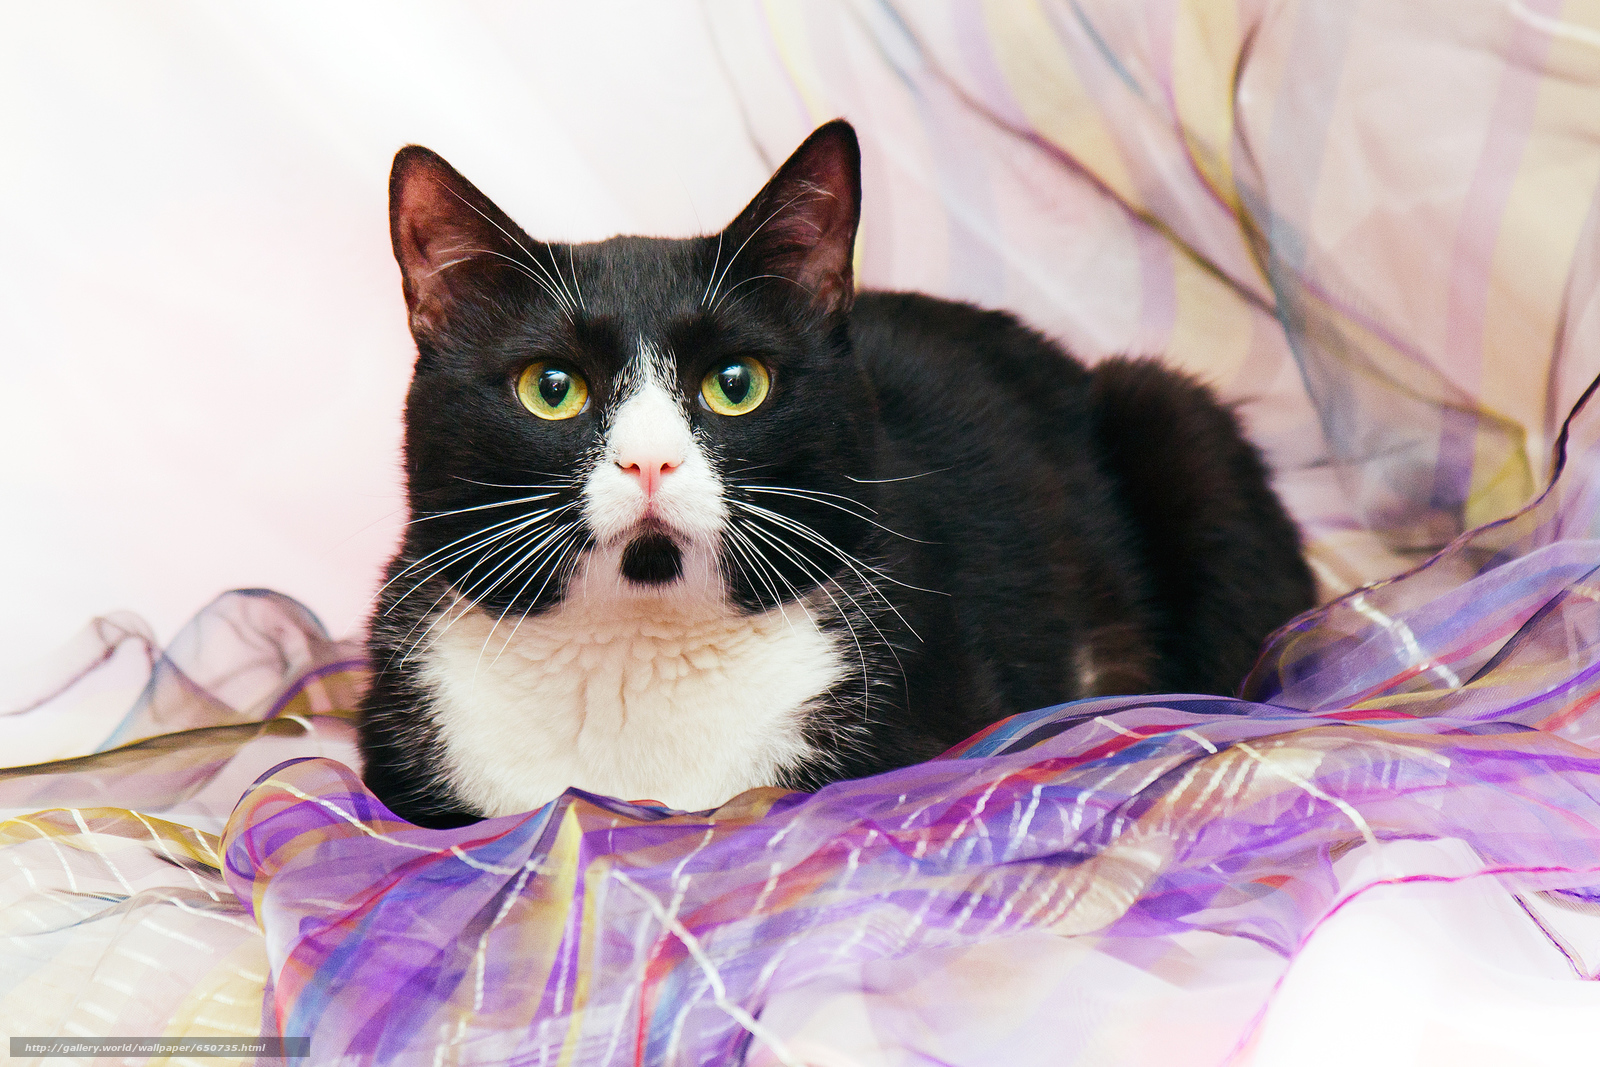 Скачать обои кот,  кошка,  кошки,  котенок бесплатно для рабочего стола в разрешении 2500x1667 — картинка №650735